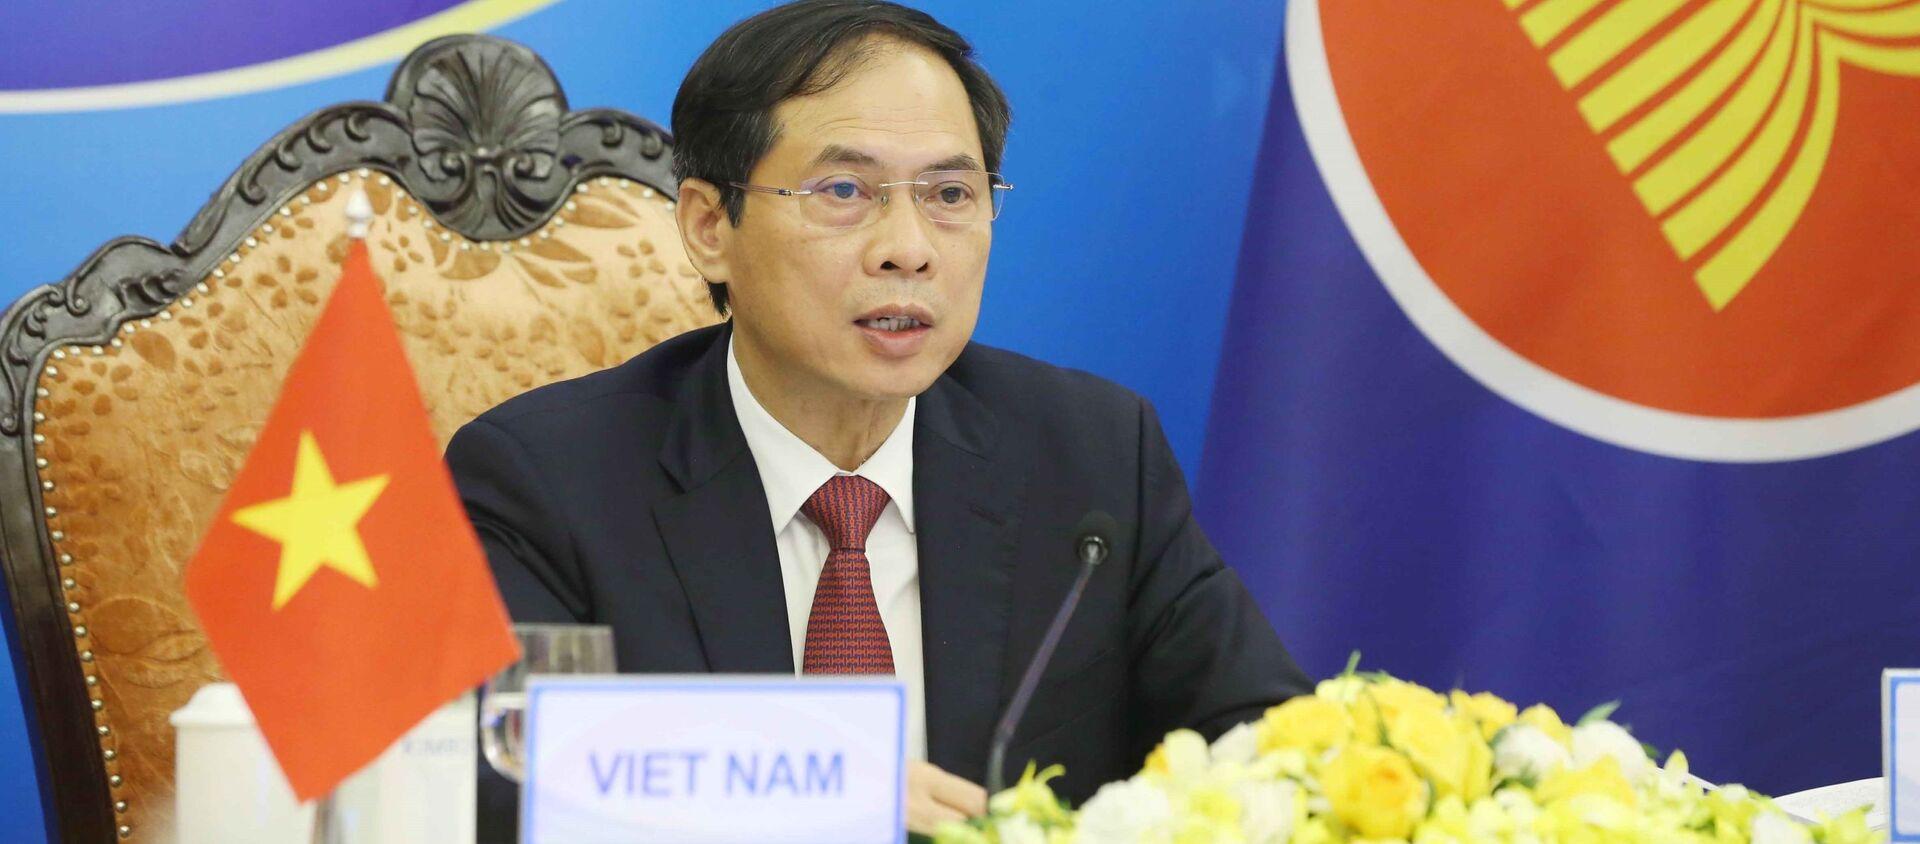 Hội nghị Bộ trưởng Ngoại giao ASEAN lần thứ 54 - Sputnik Việt Nam, 1920, 02.08.2021